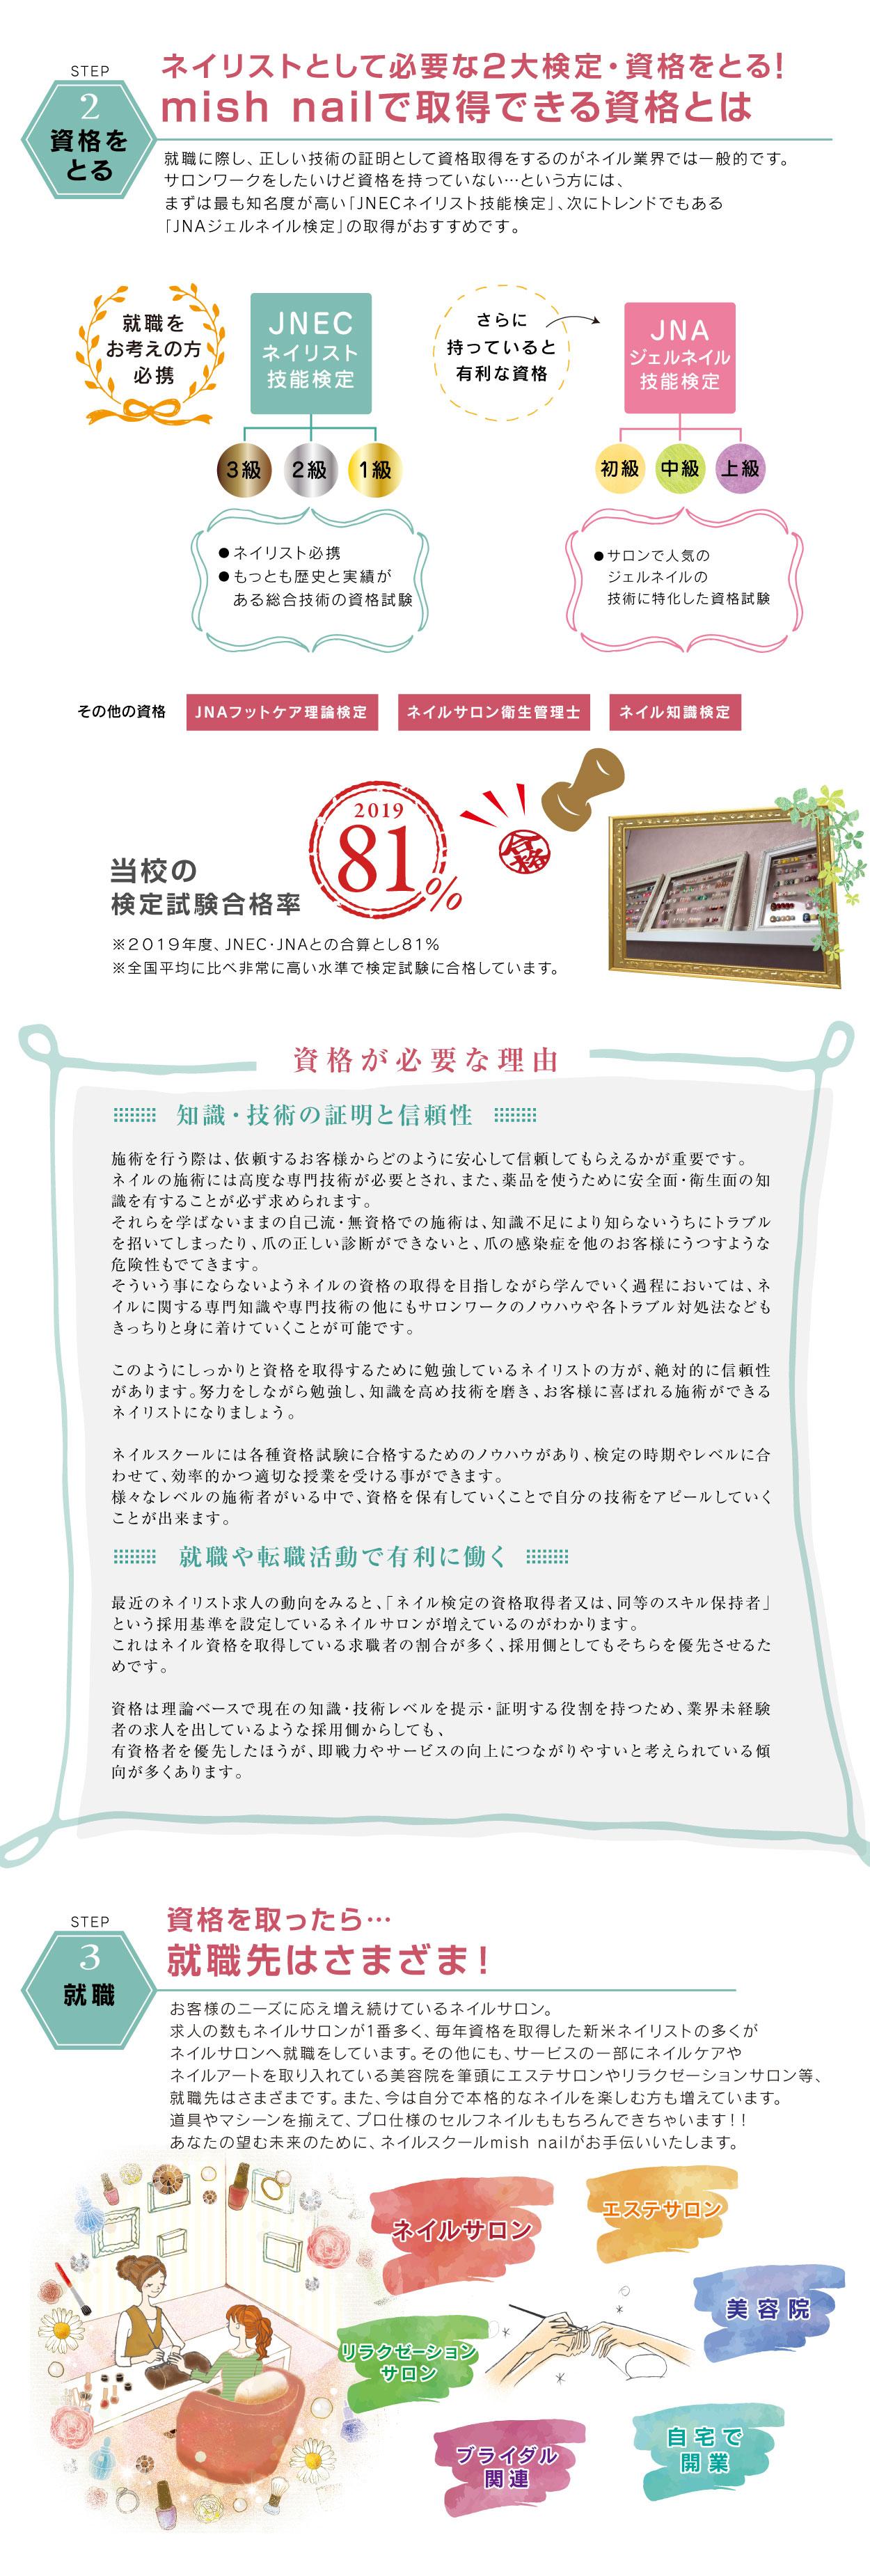 web_4.jpg